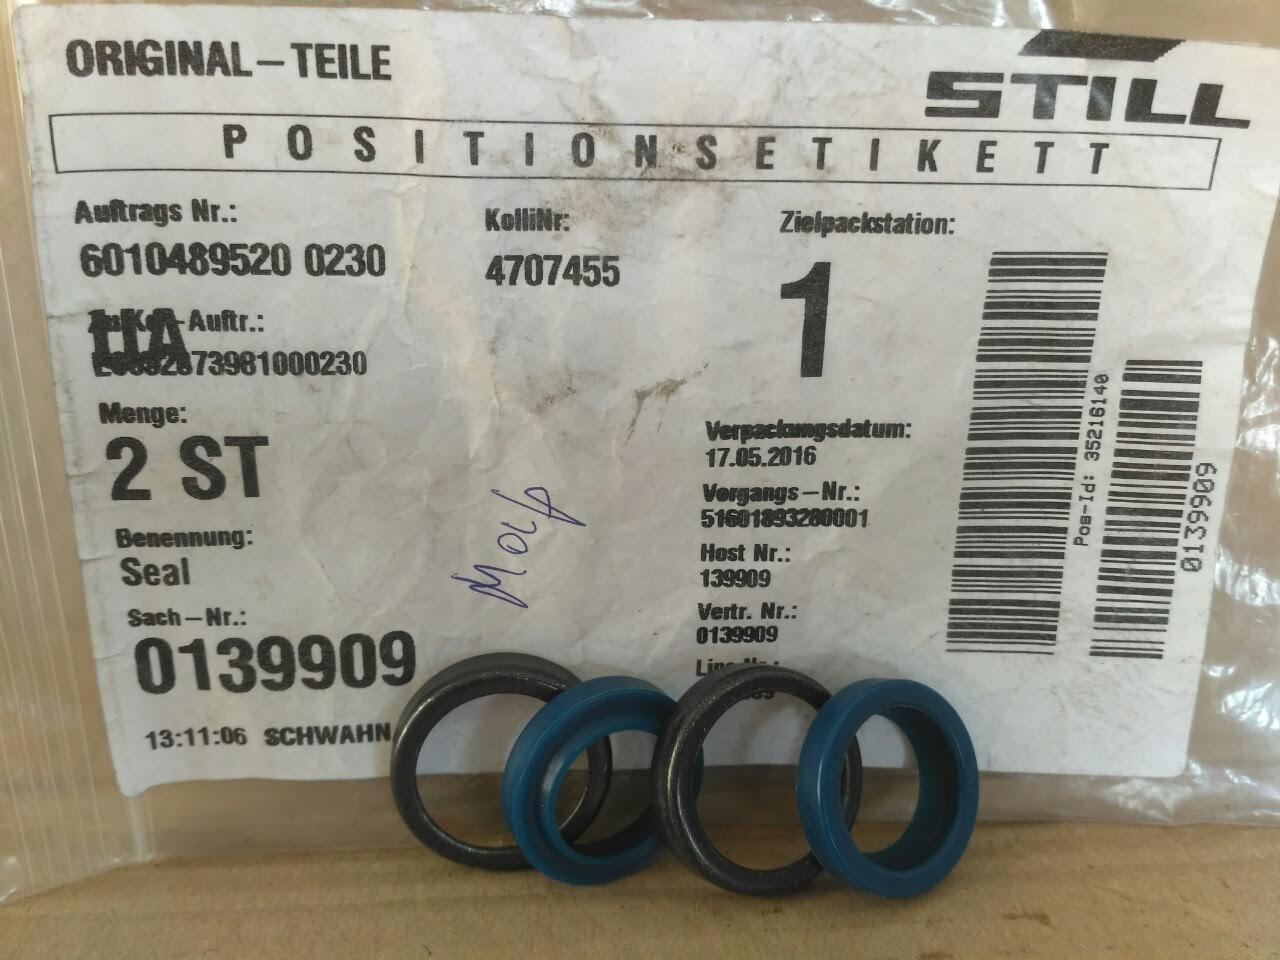 STILL 0139909 / Bolzoni 41041274 уплотнение / ущільнення